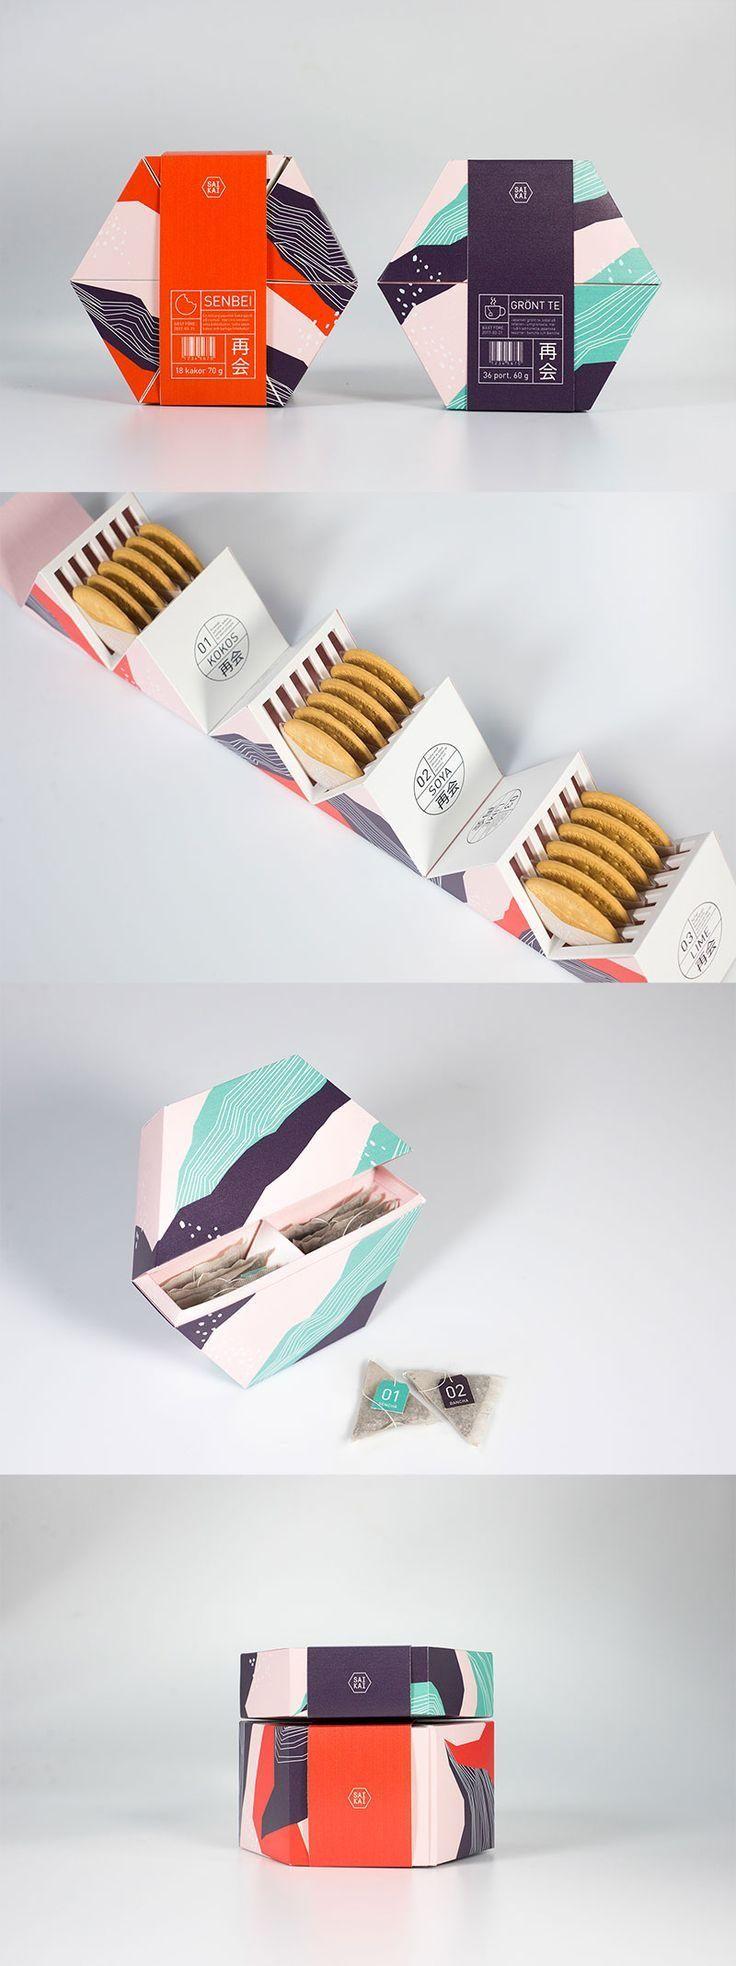 Saikai packaging